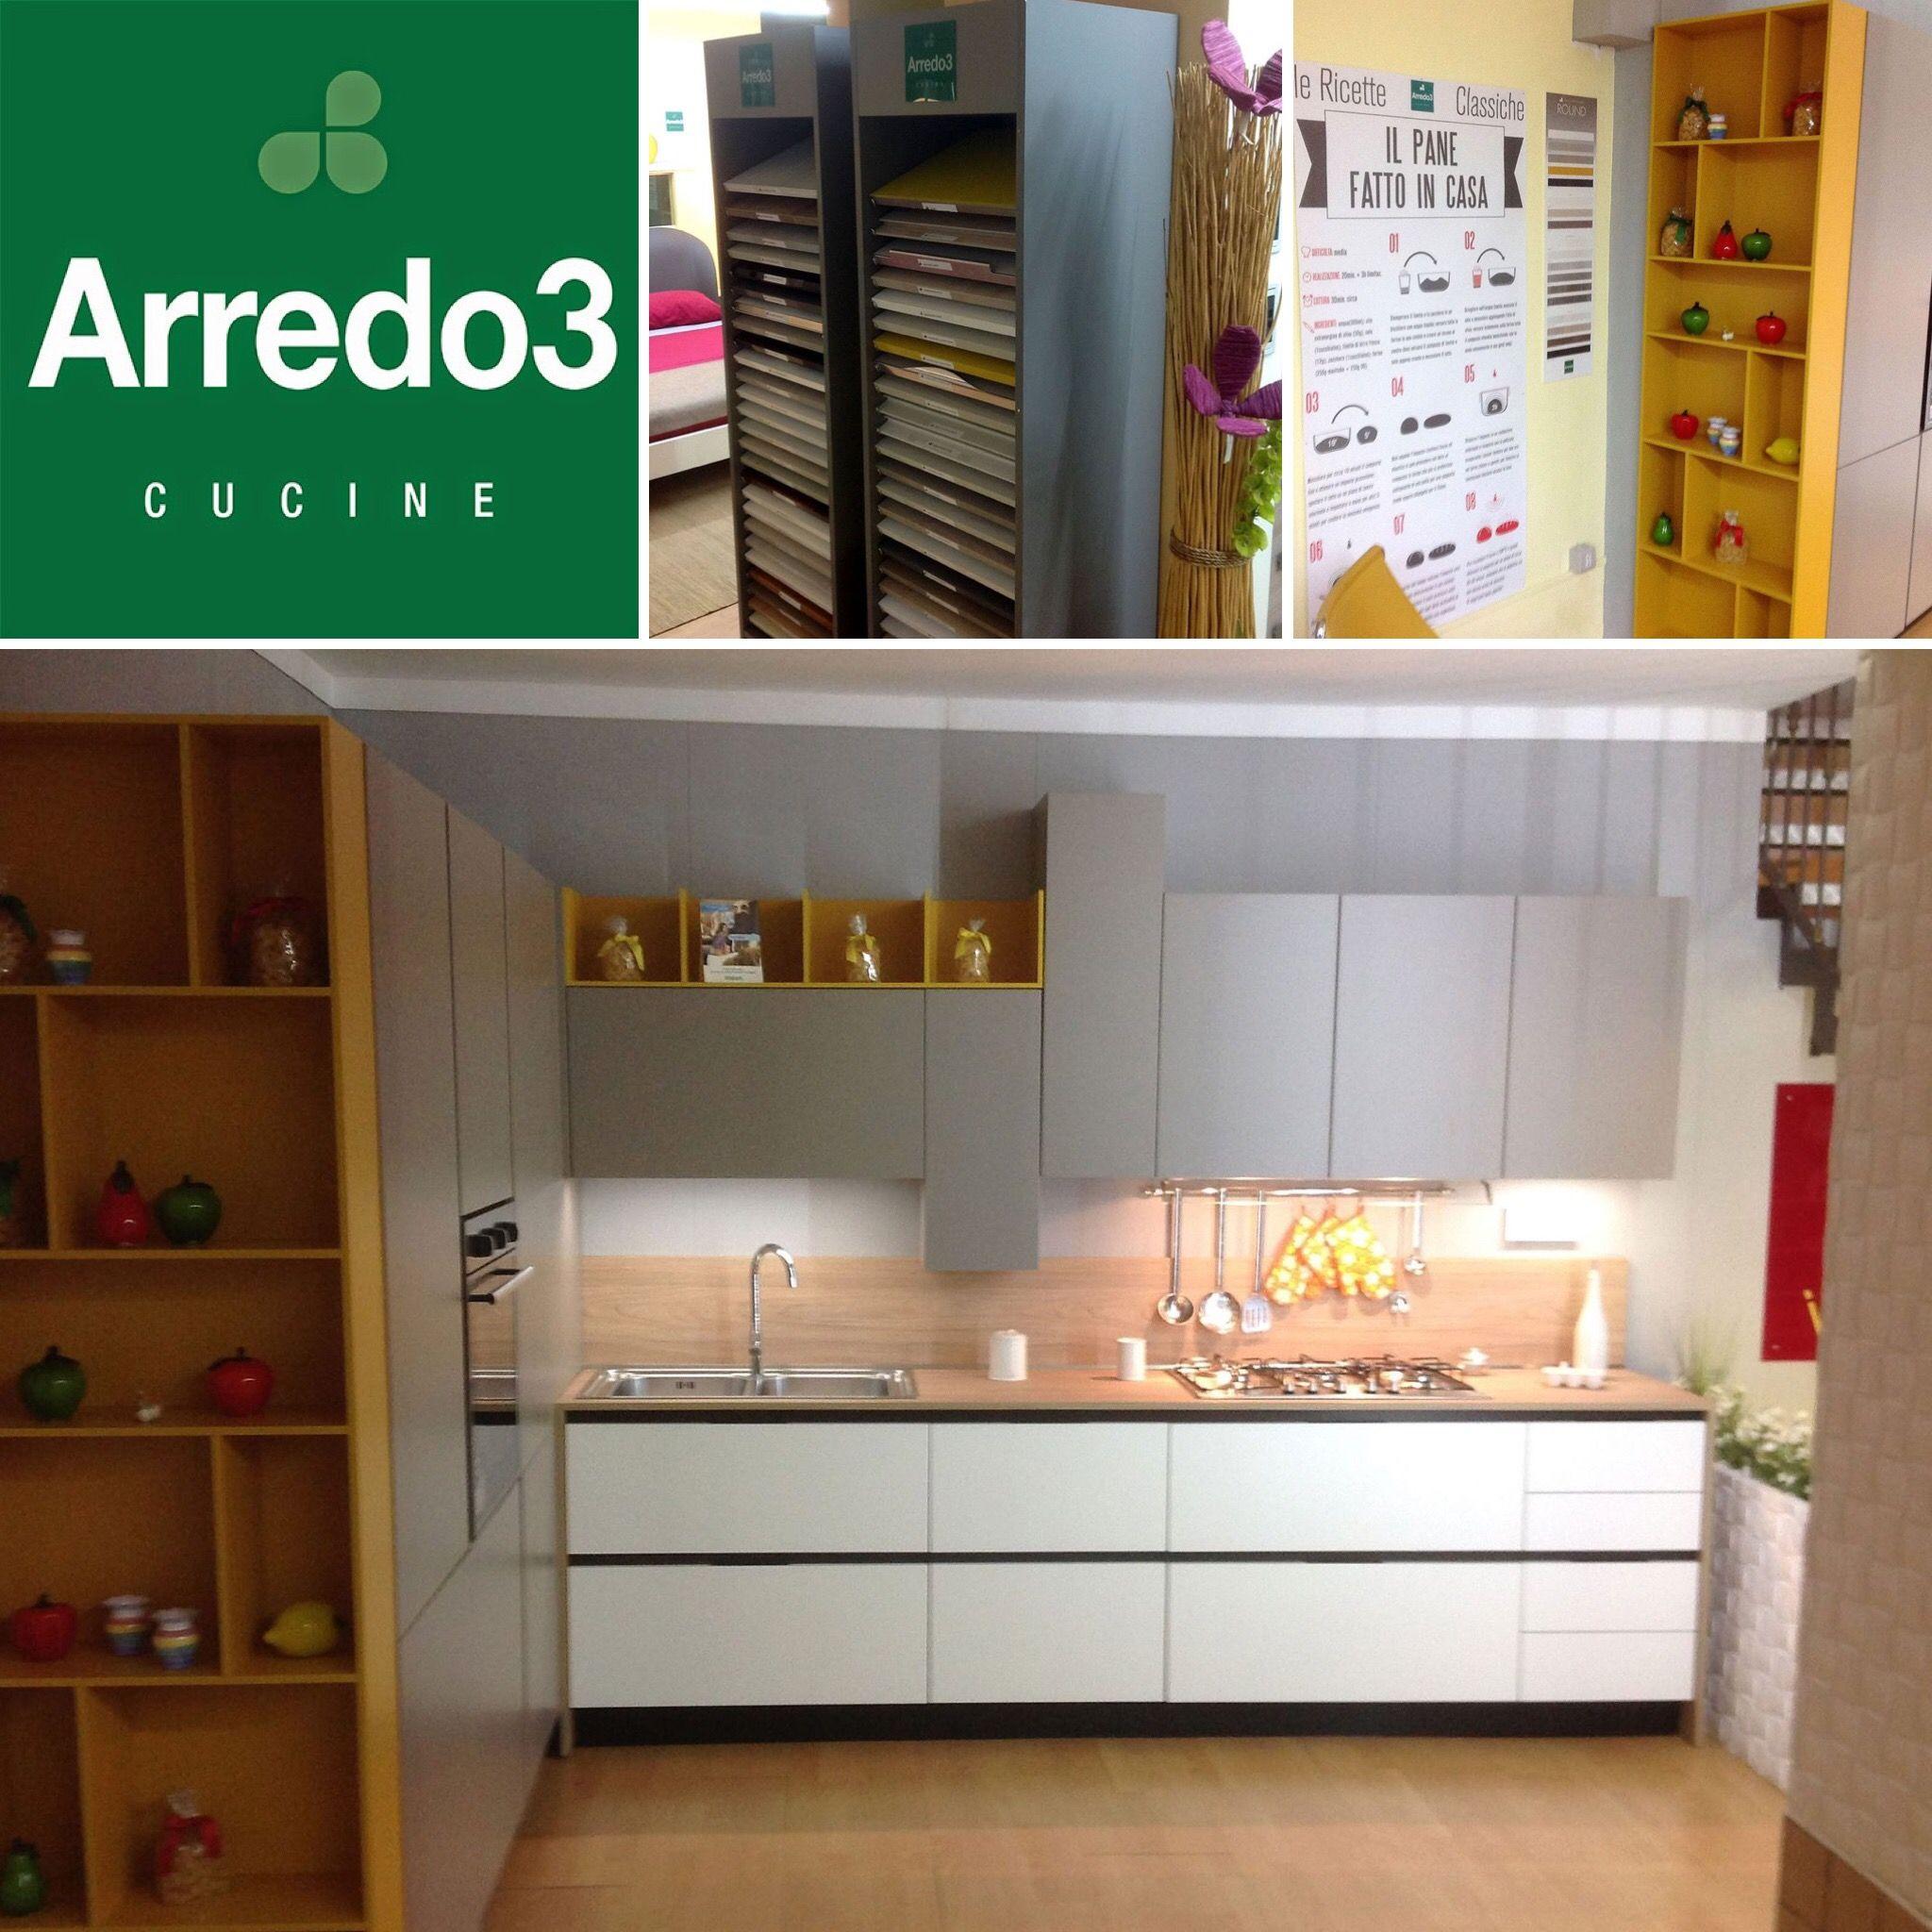 Rivenditori cucine nel 2019 azienda arredo3 cucine for Rivenditori arredo 3